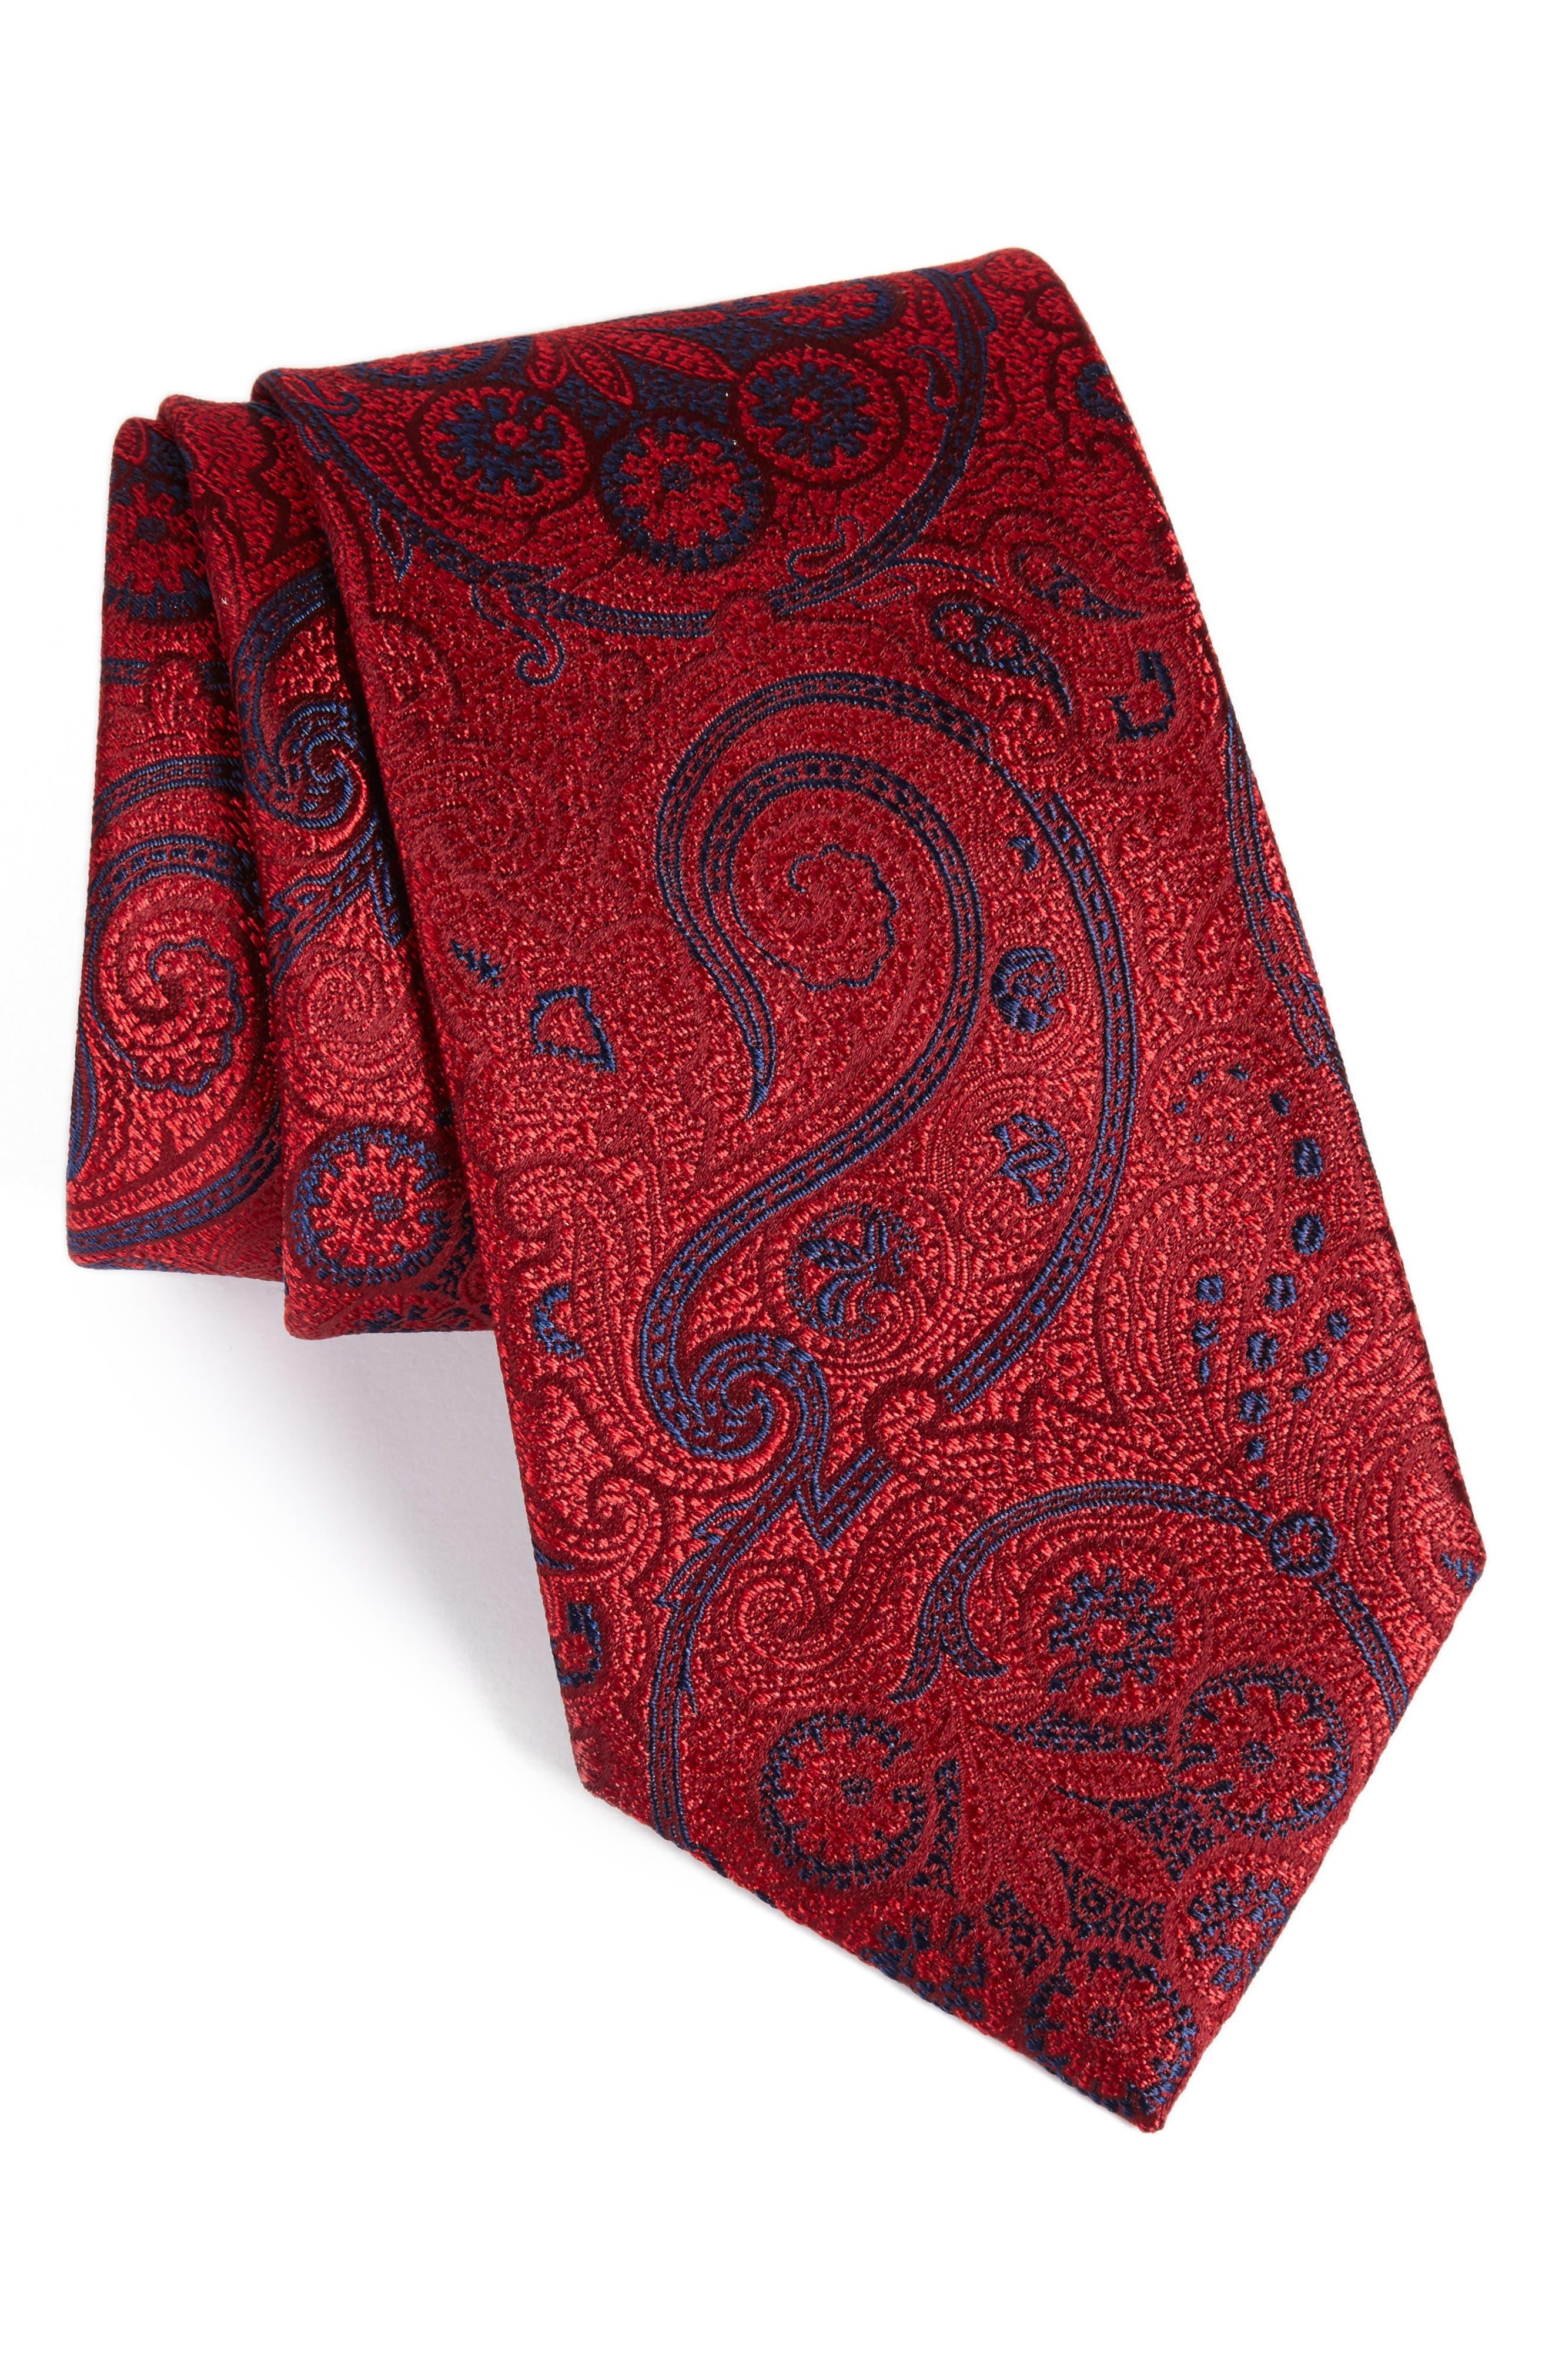 Main Image - Nordstrom Men's Shop Provincial Paisley Silk Tie